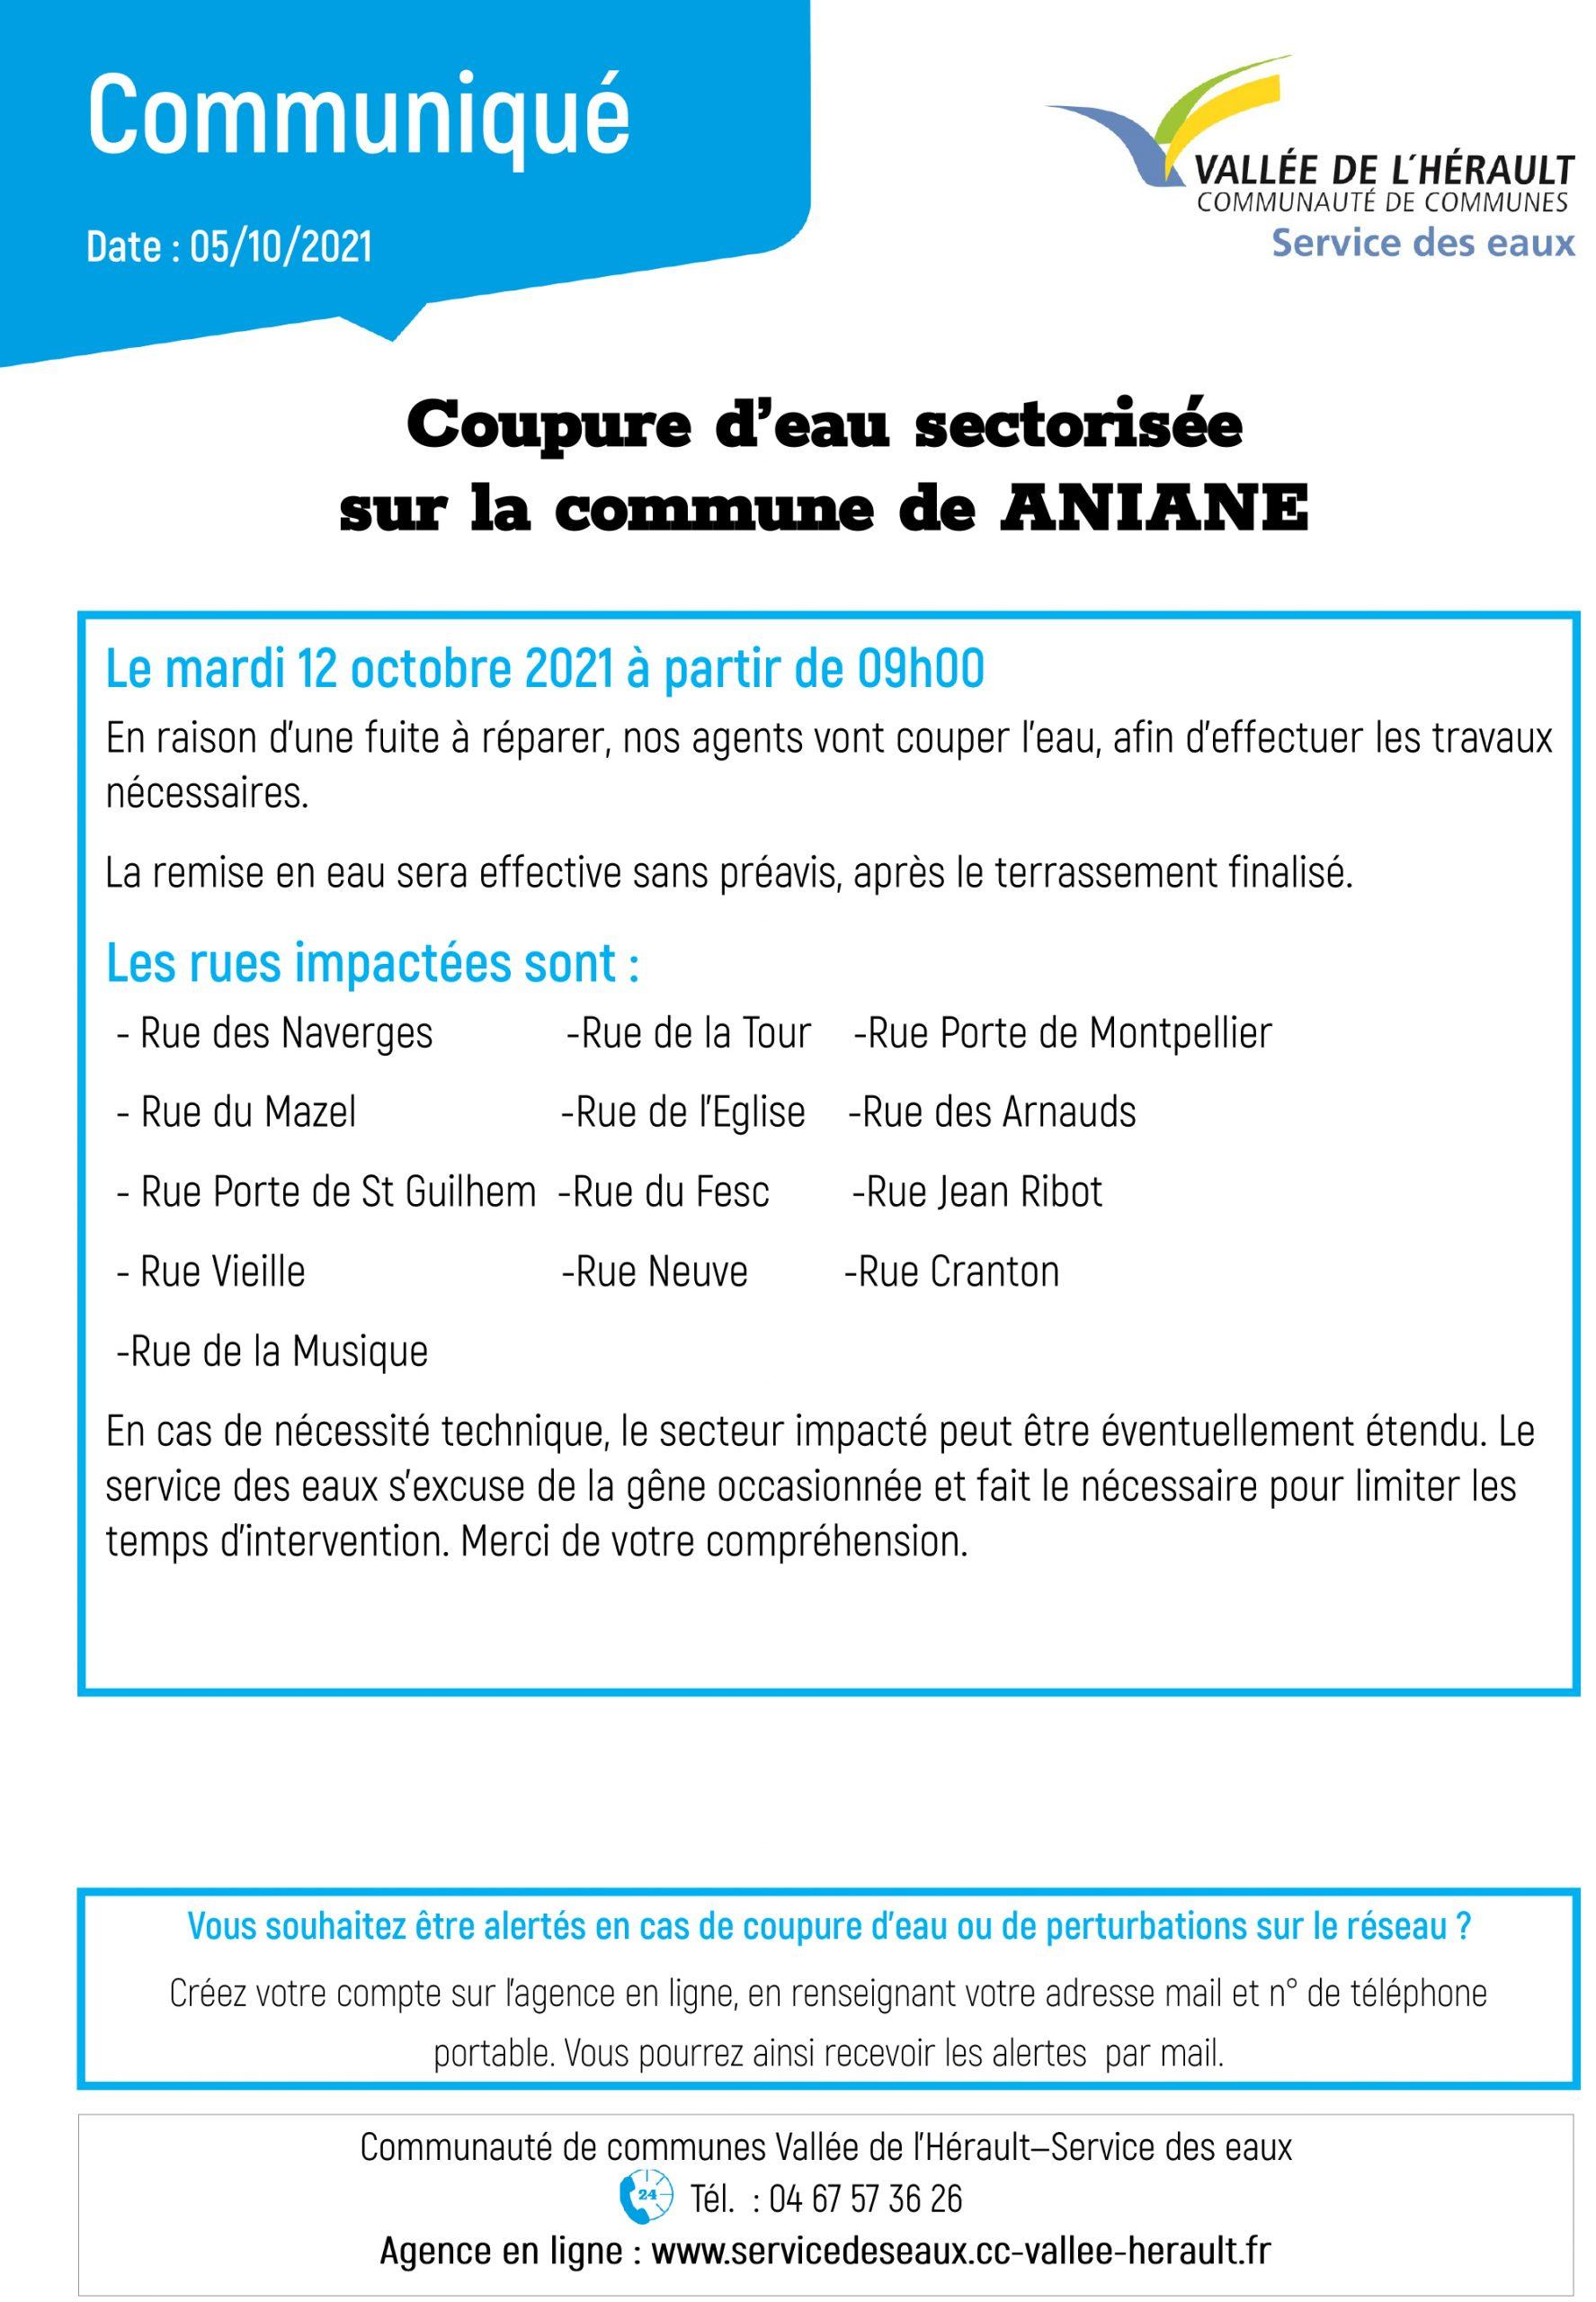 comuniqué coupure eau 12 10 2021 ANIANE